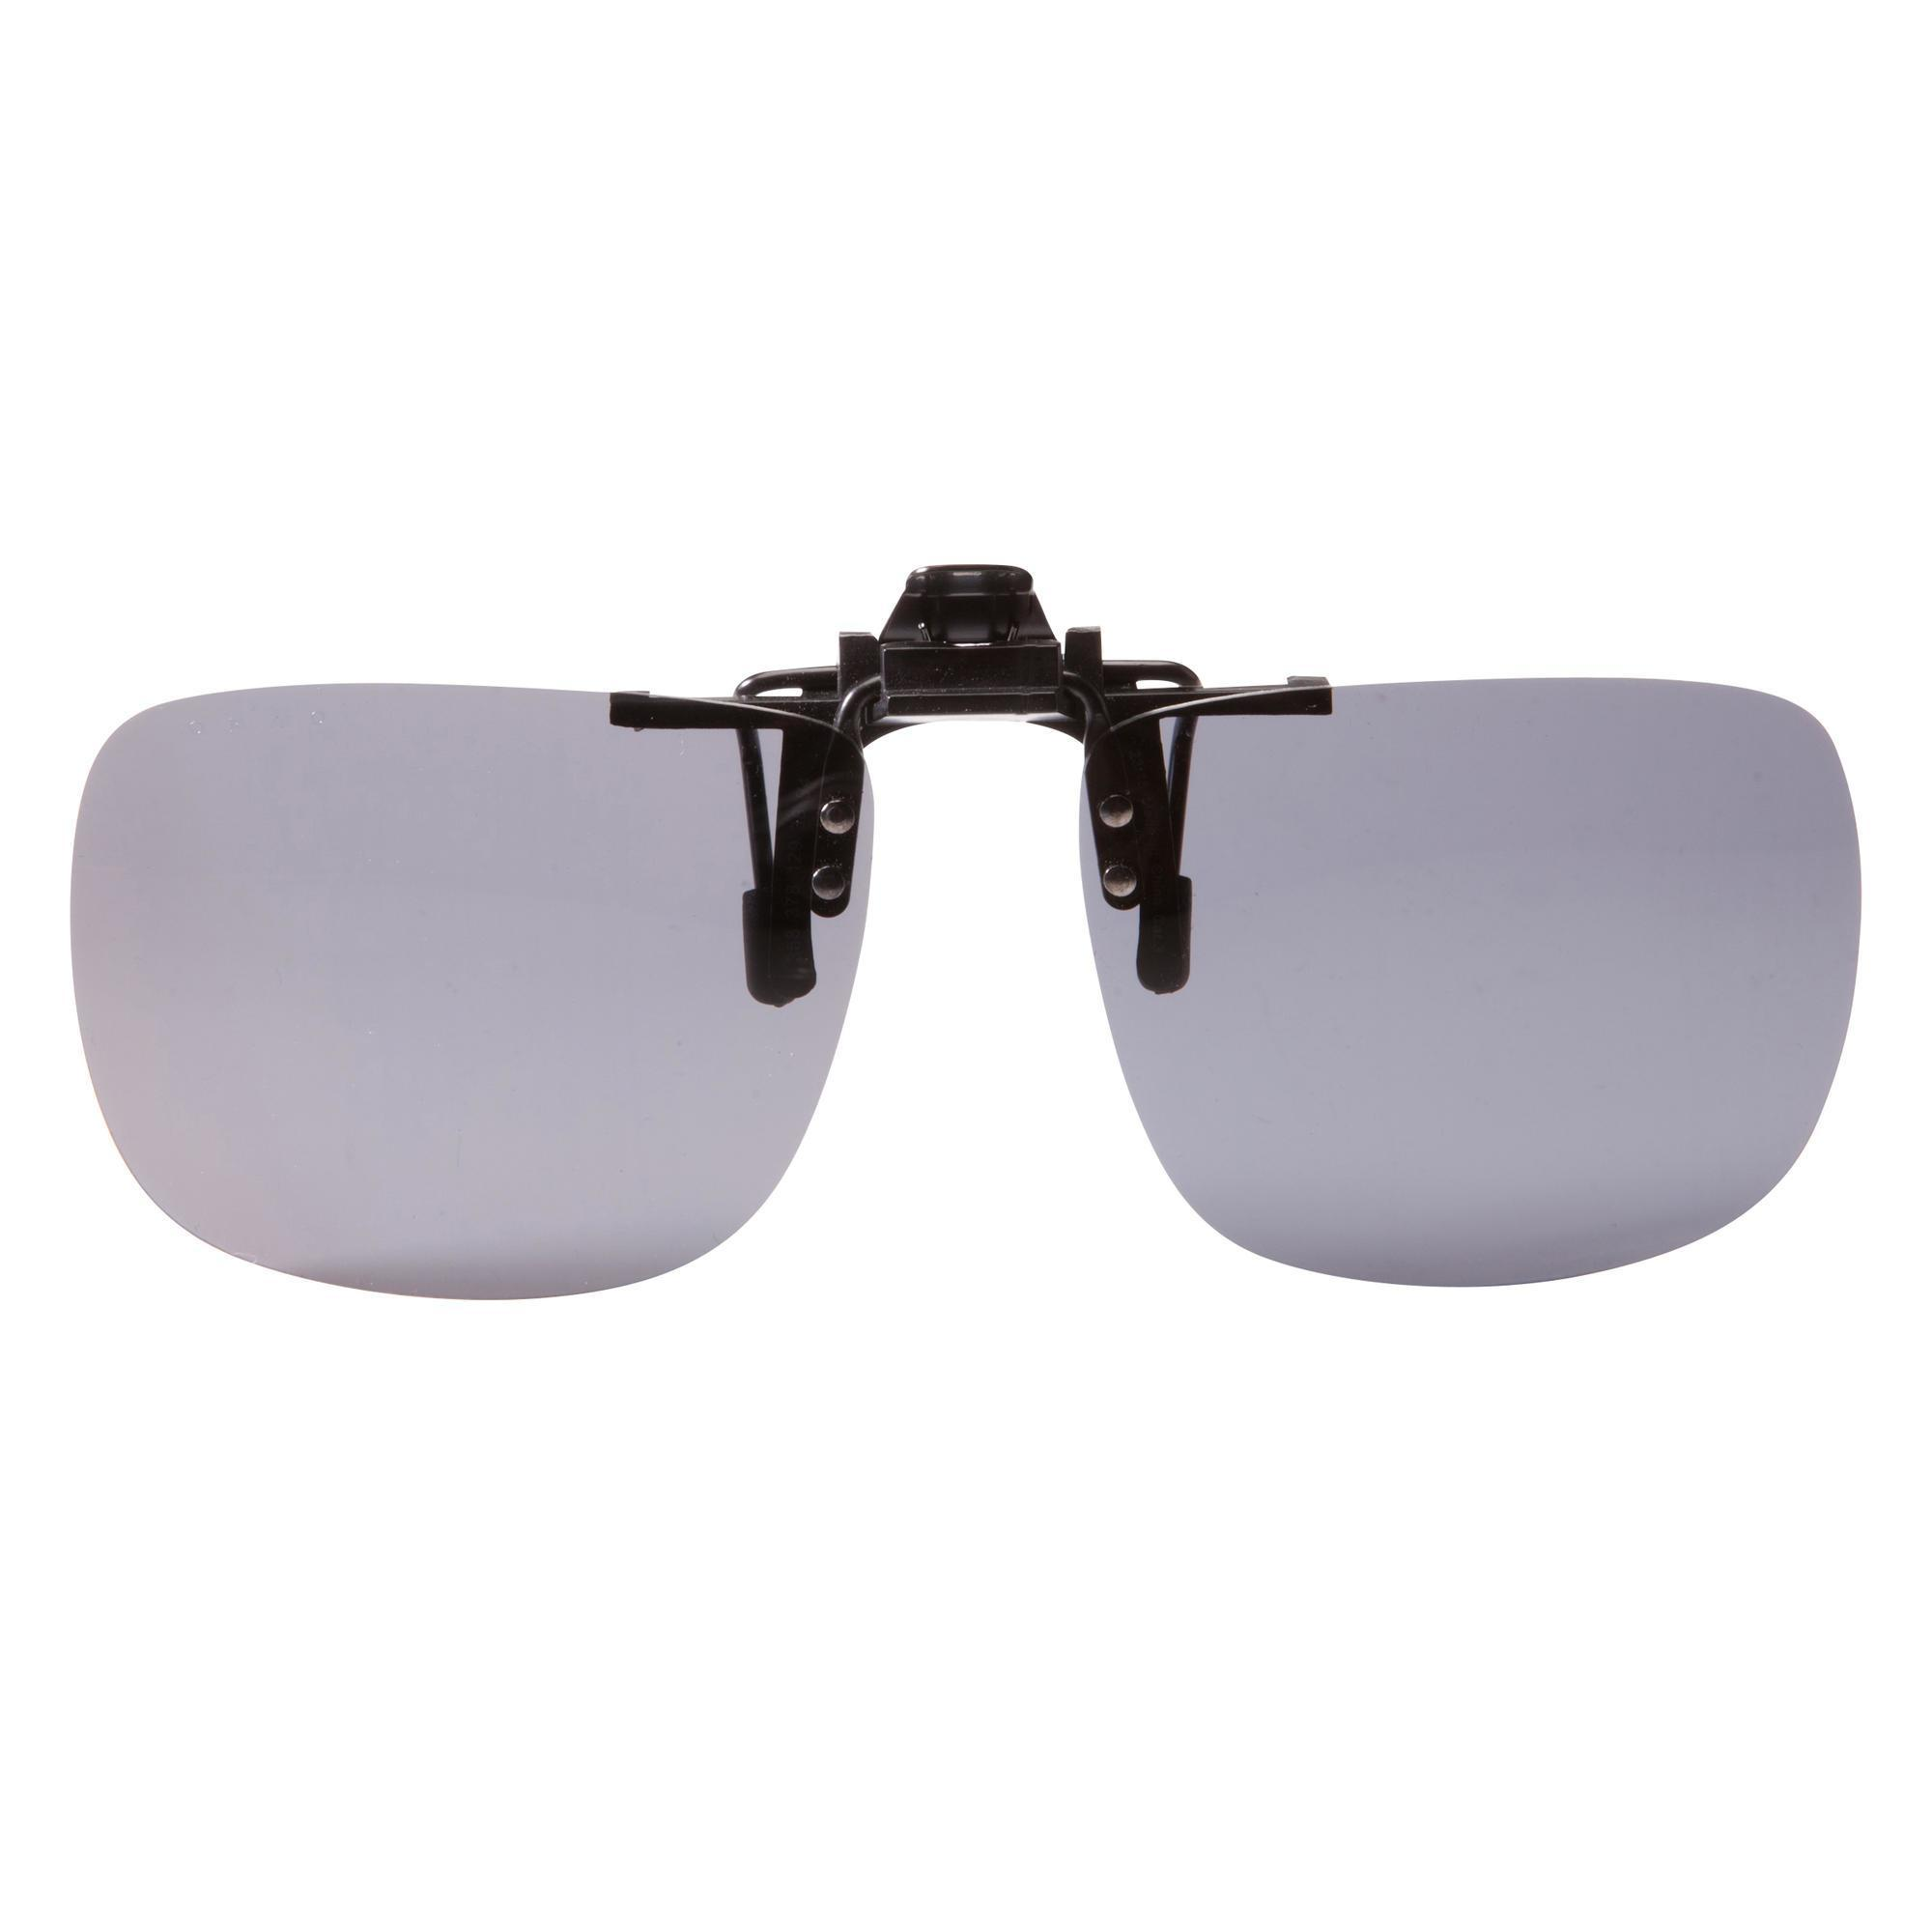 Sonnenclip für Korrekturbrillen MH OTG 120 L polarisierend Kategorie 3 | Uhren > Keramikuhren | Grau | Quechua